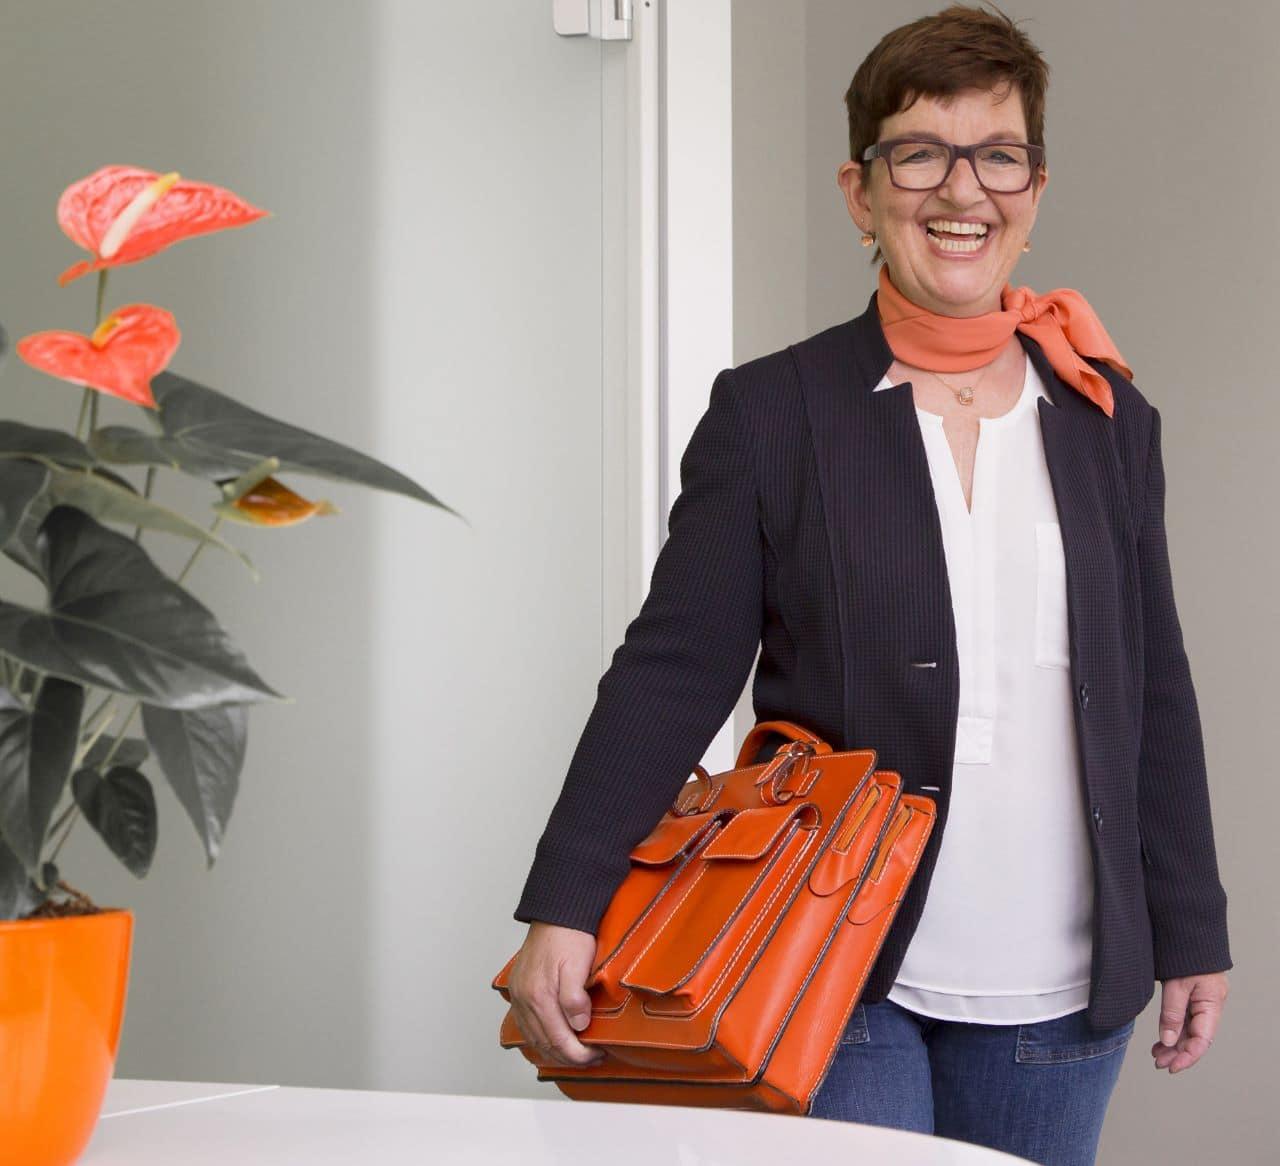 Portrait von Manuela Nikui mit Aktentasche im Büro